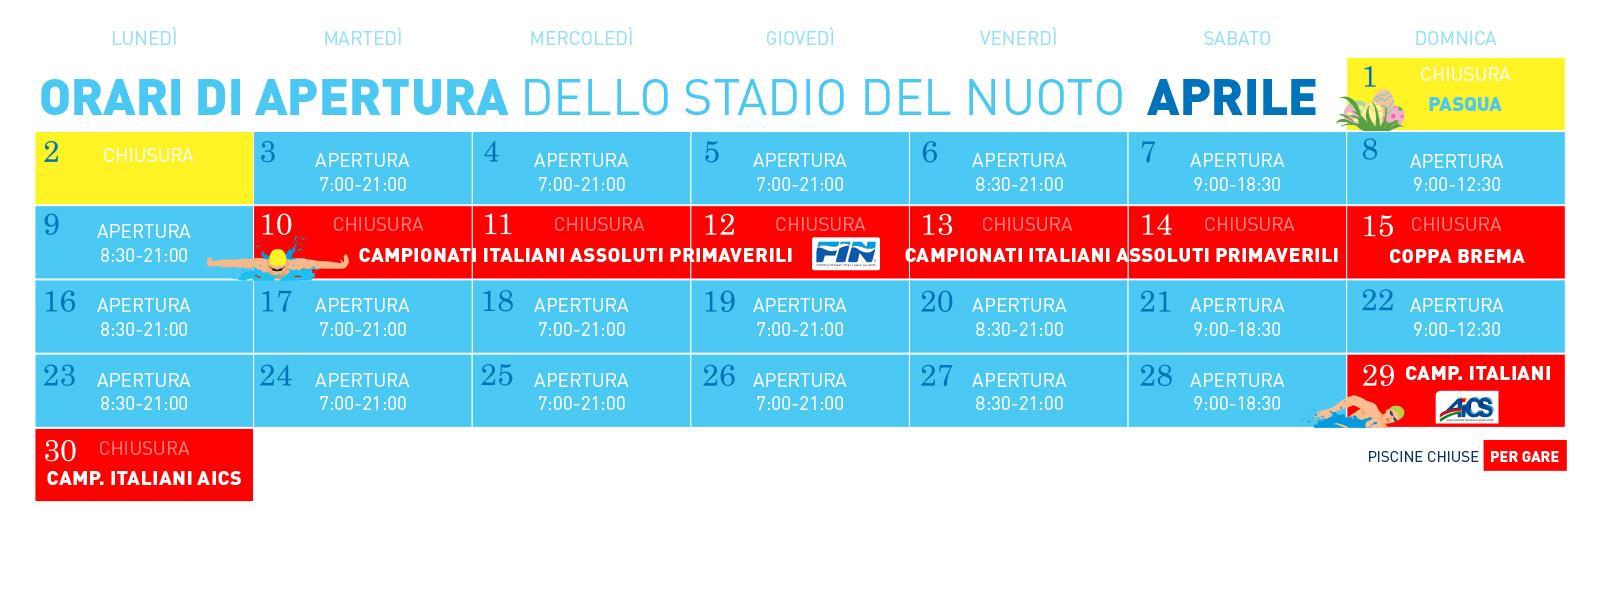 Fin Nuoto Calendario Gare.Polisportiva Riccione